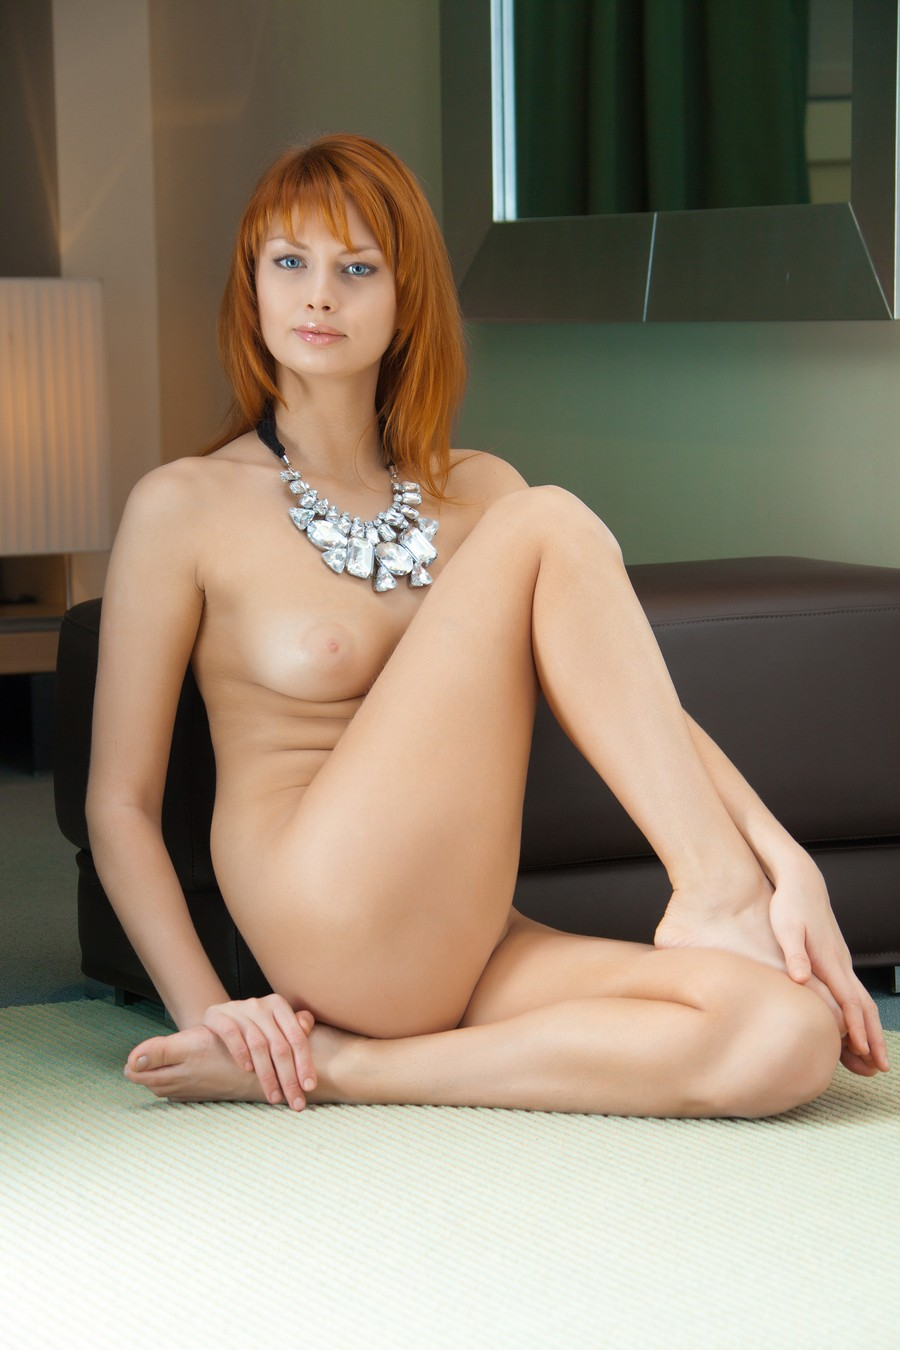 those nipples. prostituierte wird gefickt such great MILF. Please